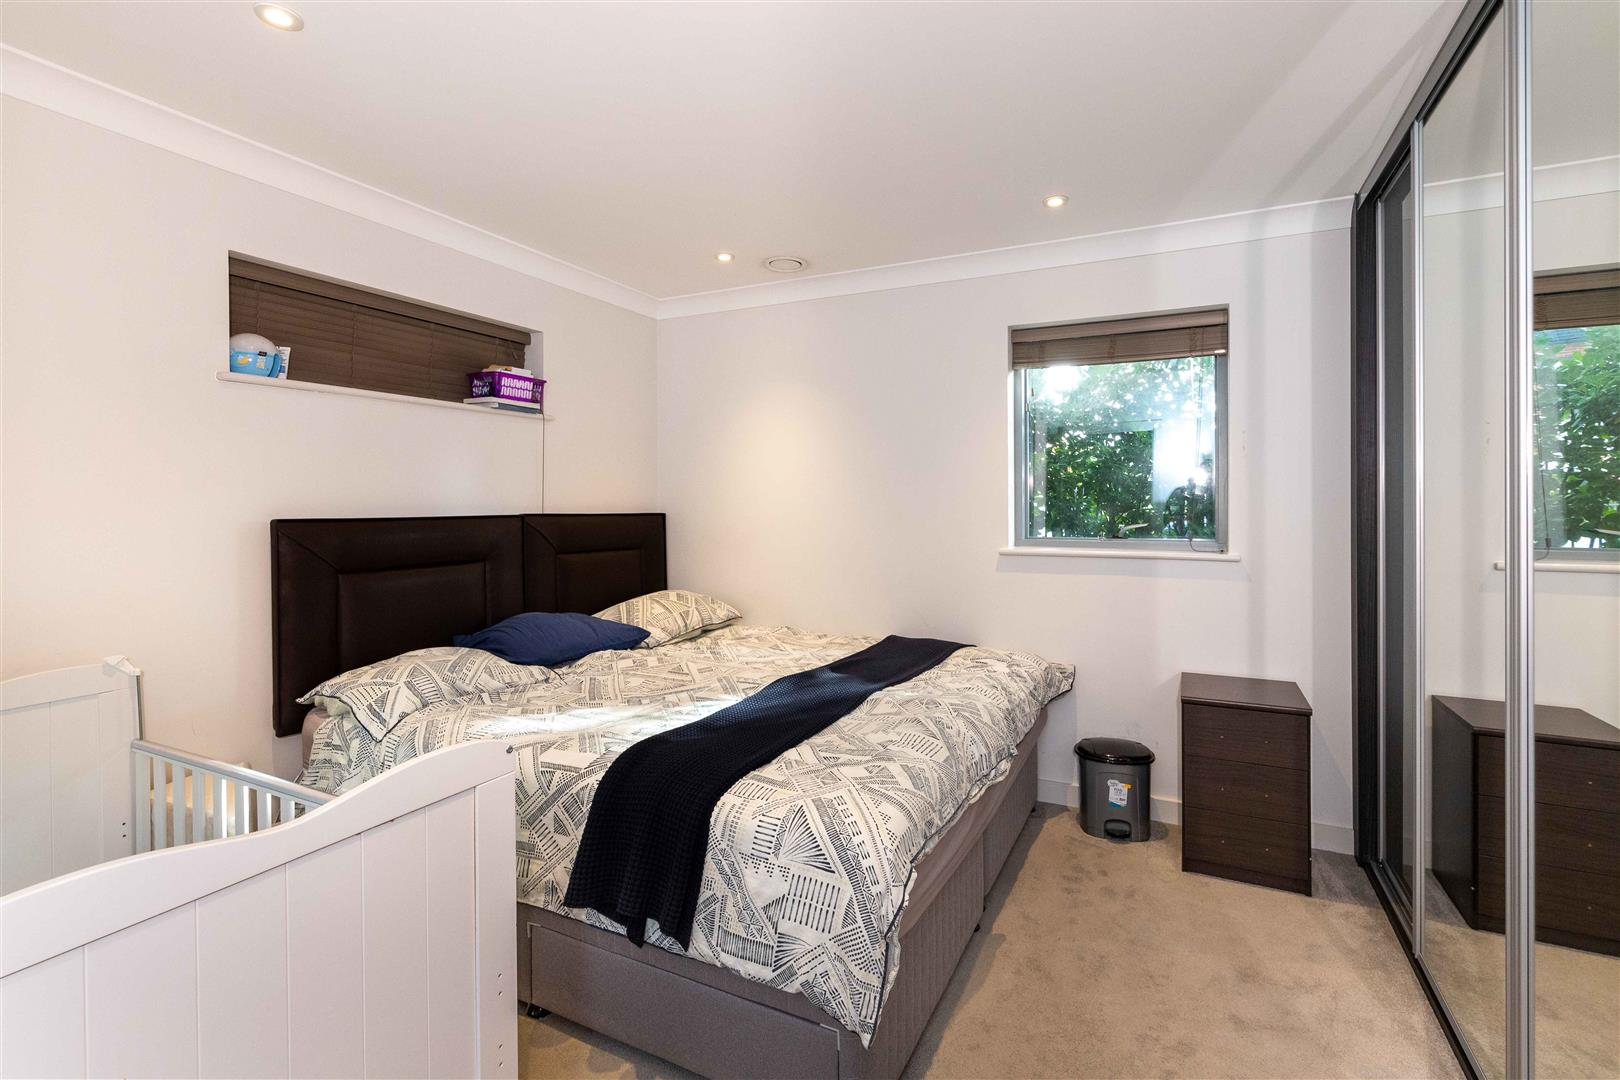 7 master bedroom IMG_7-7882_resized.jpg